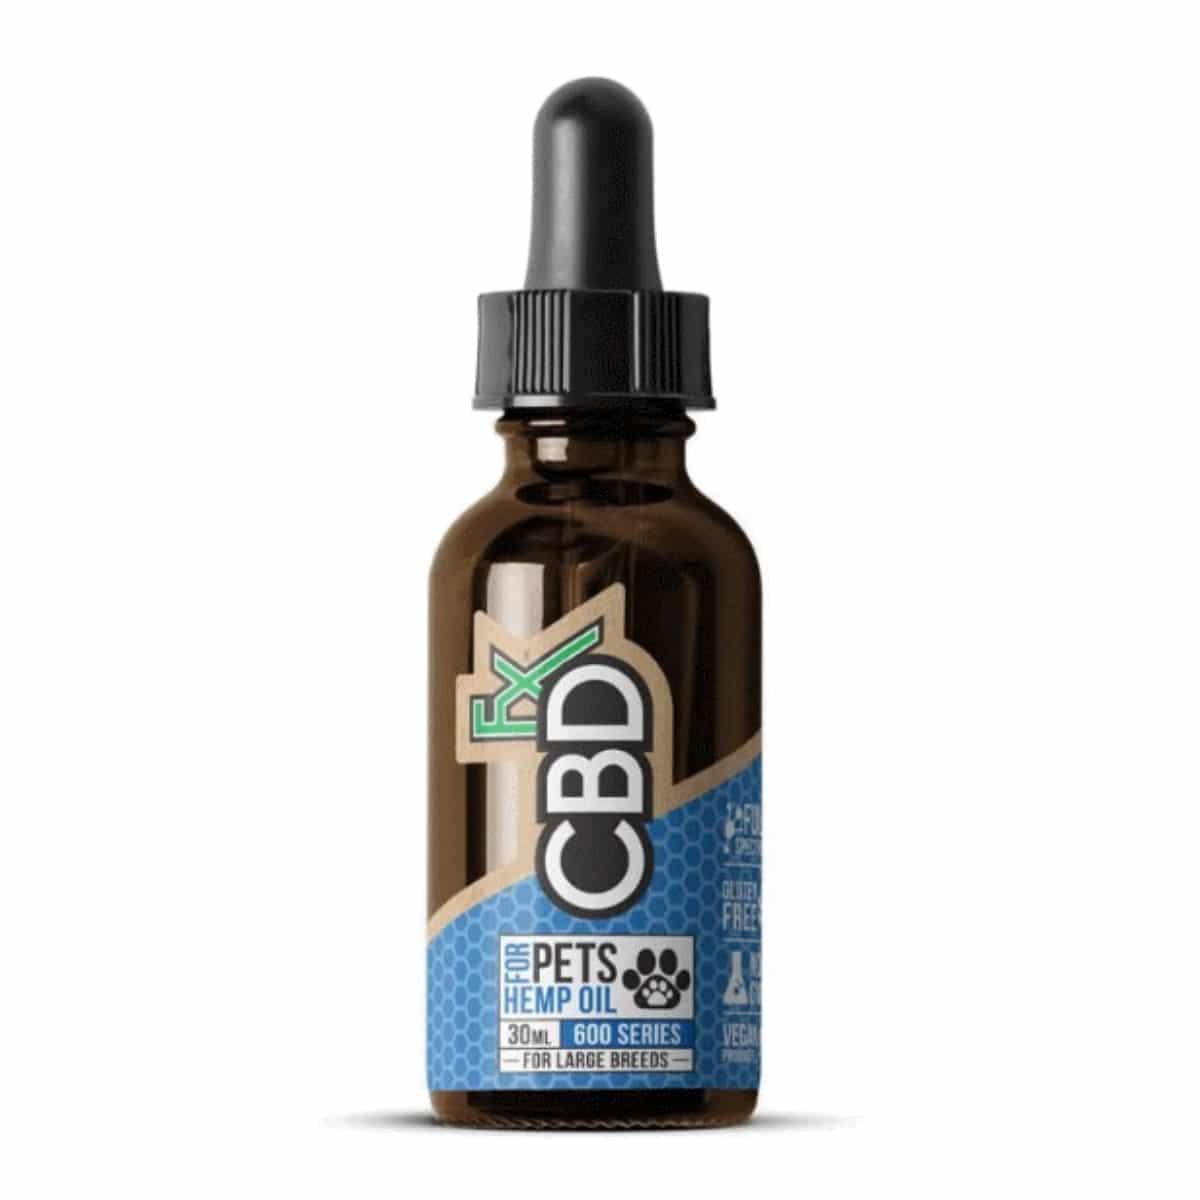 CBDfx CBD Oil For Pets